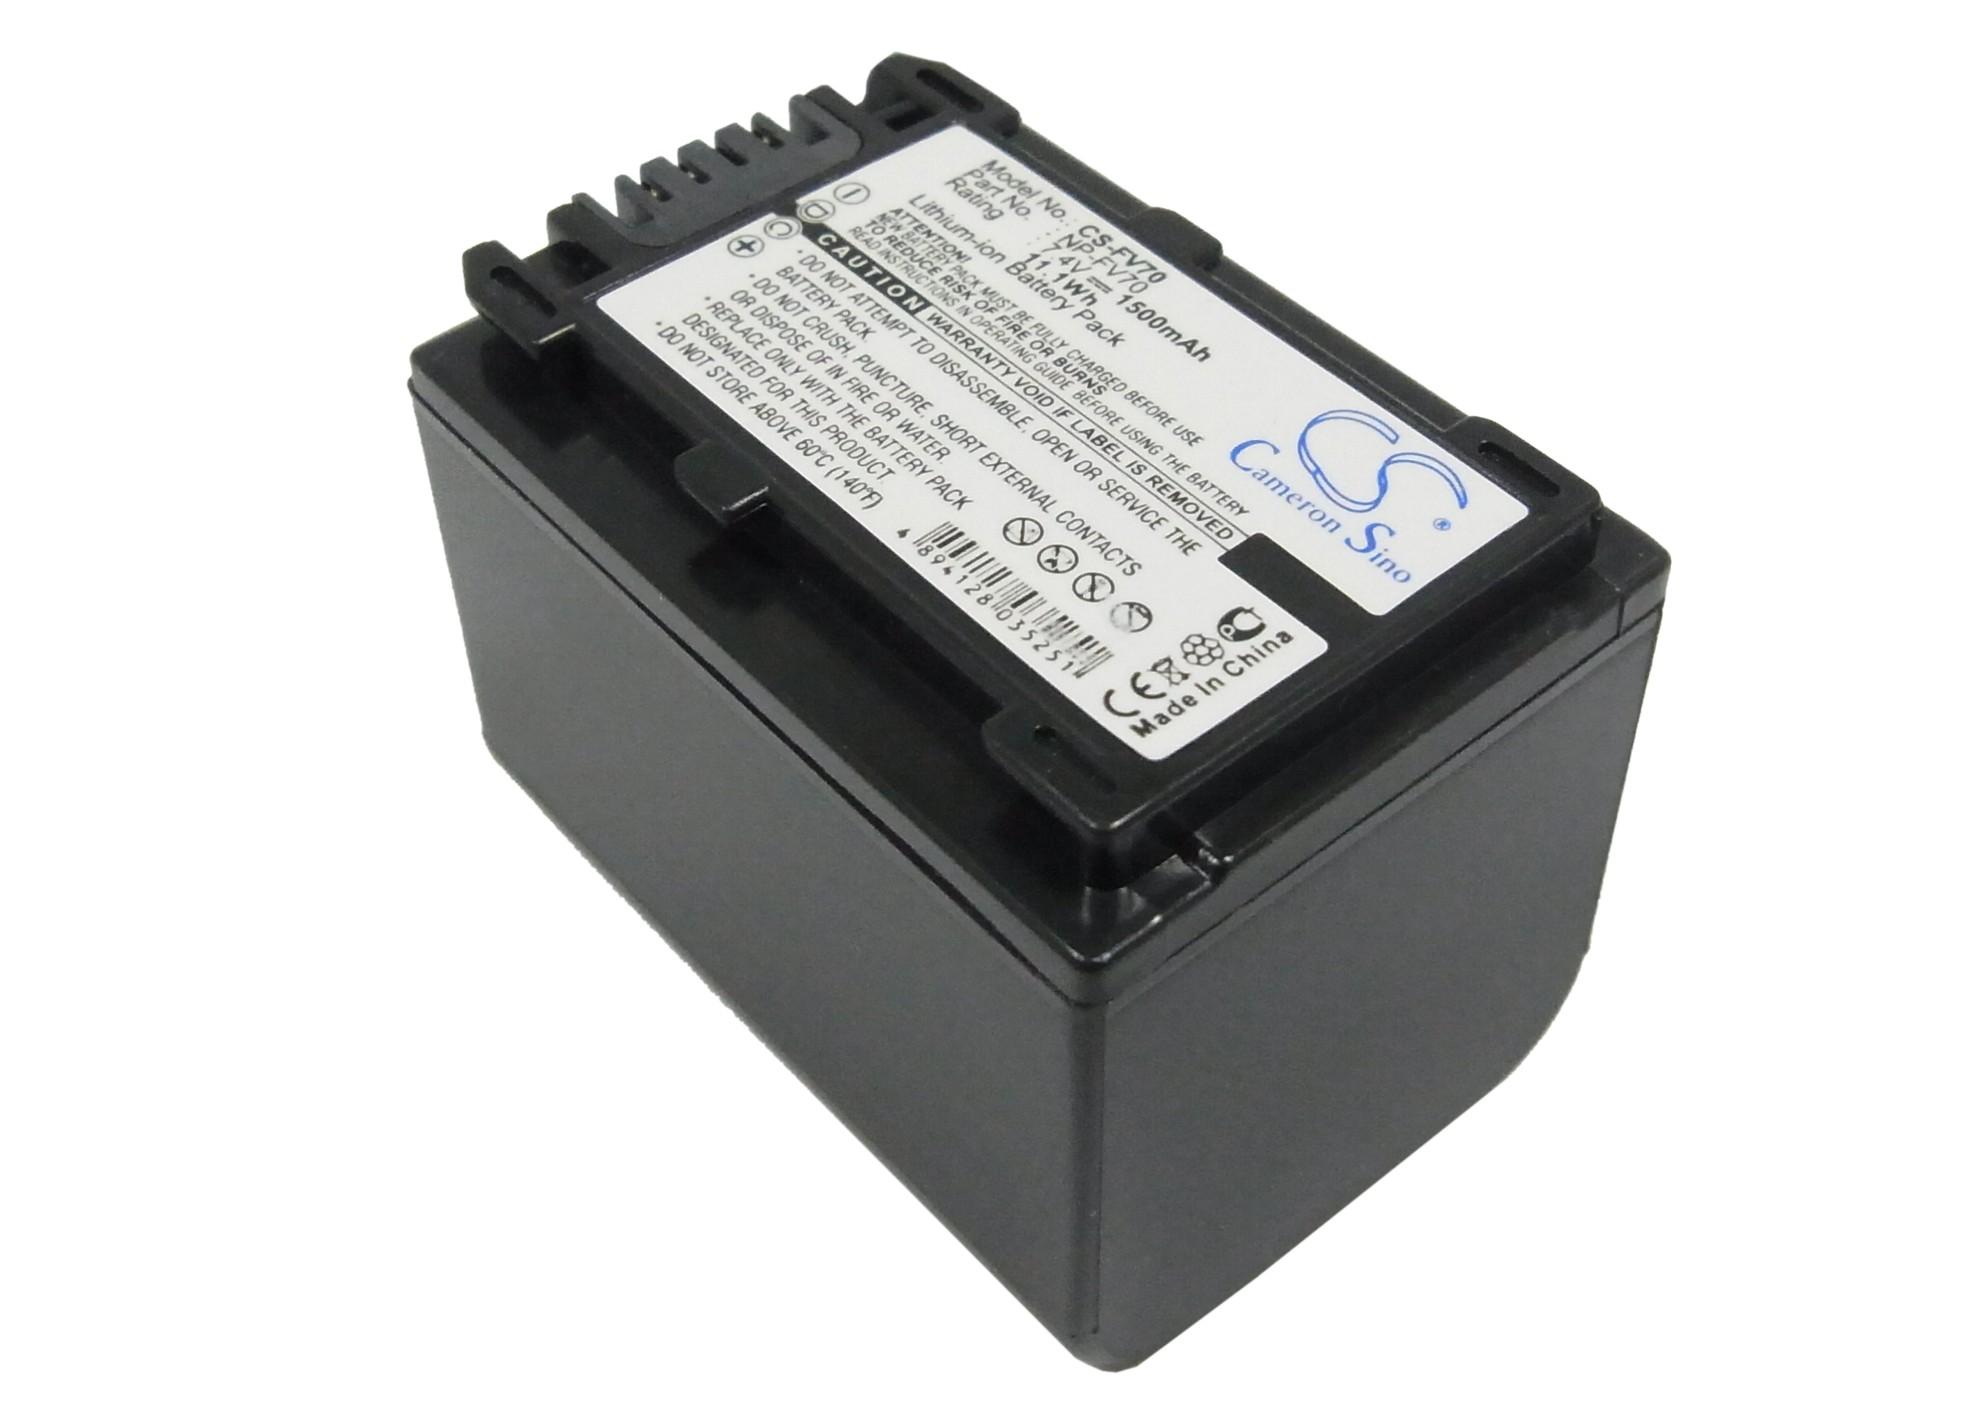 Cameron Sino baterie do kamer a fotoaparátů pro SONY HDR-XR200VE 7.4V Li-ion 1500mAh černá - neoriginální